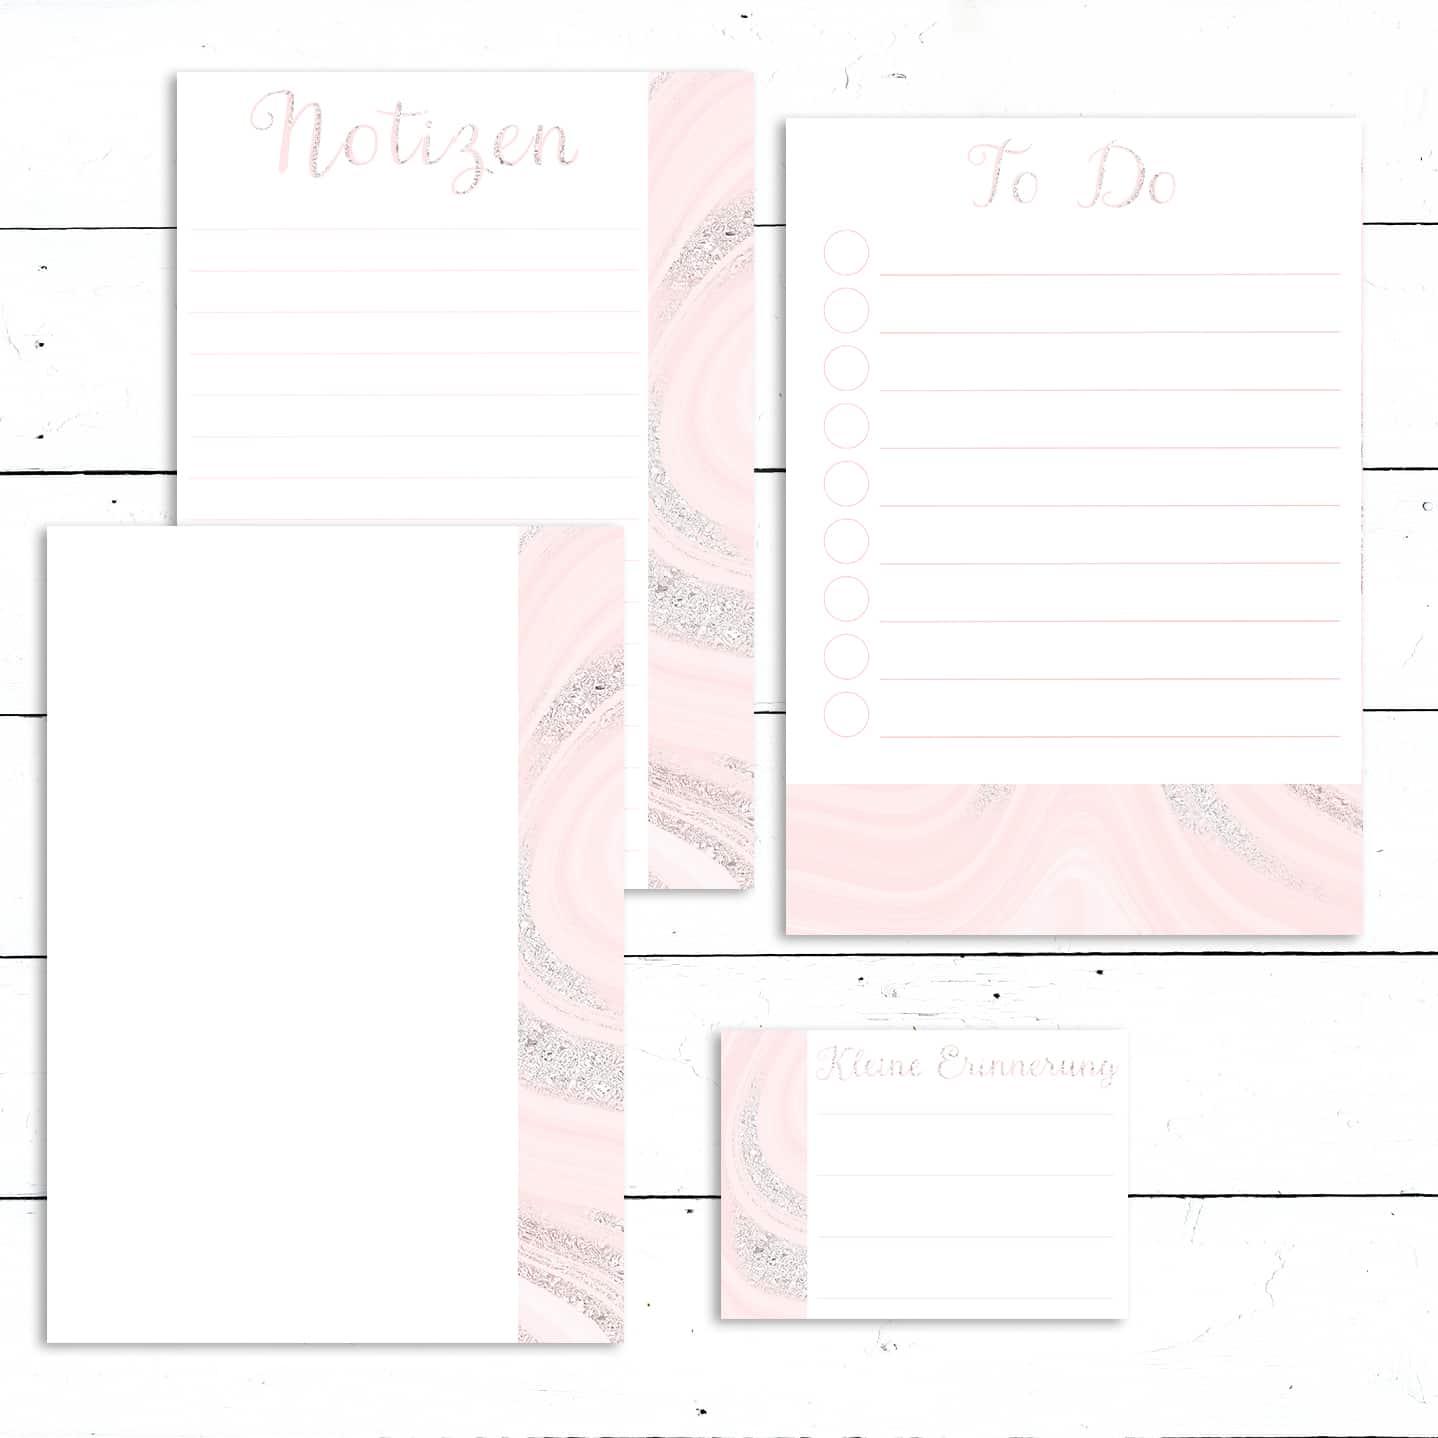 Notizen Checkliste Vorlagen Set zum Ausdrucken - Rosa 1